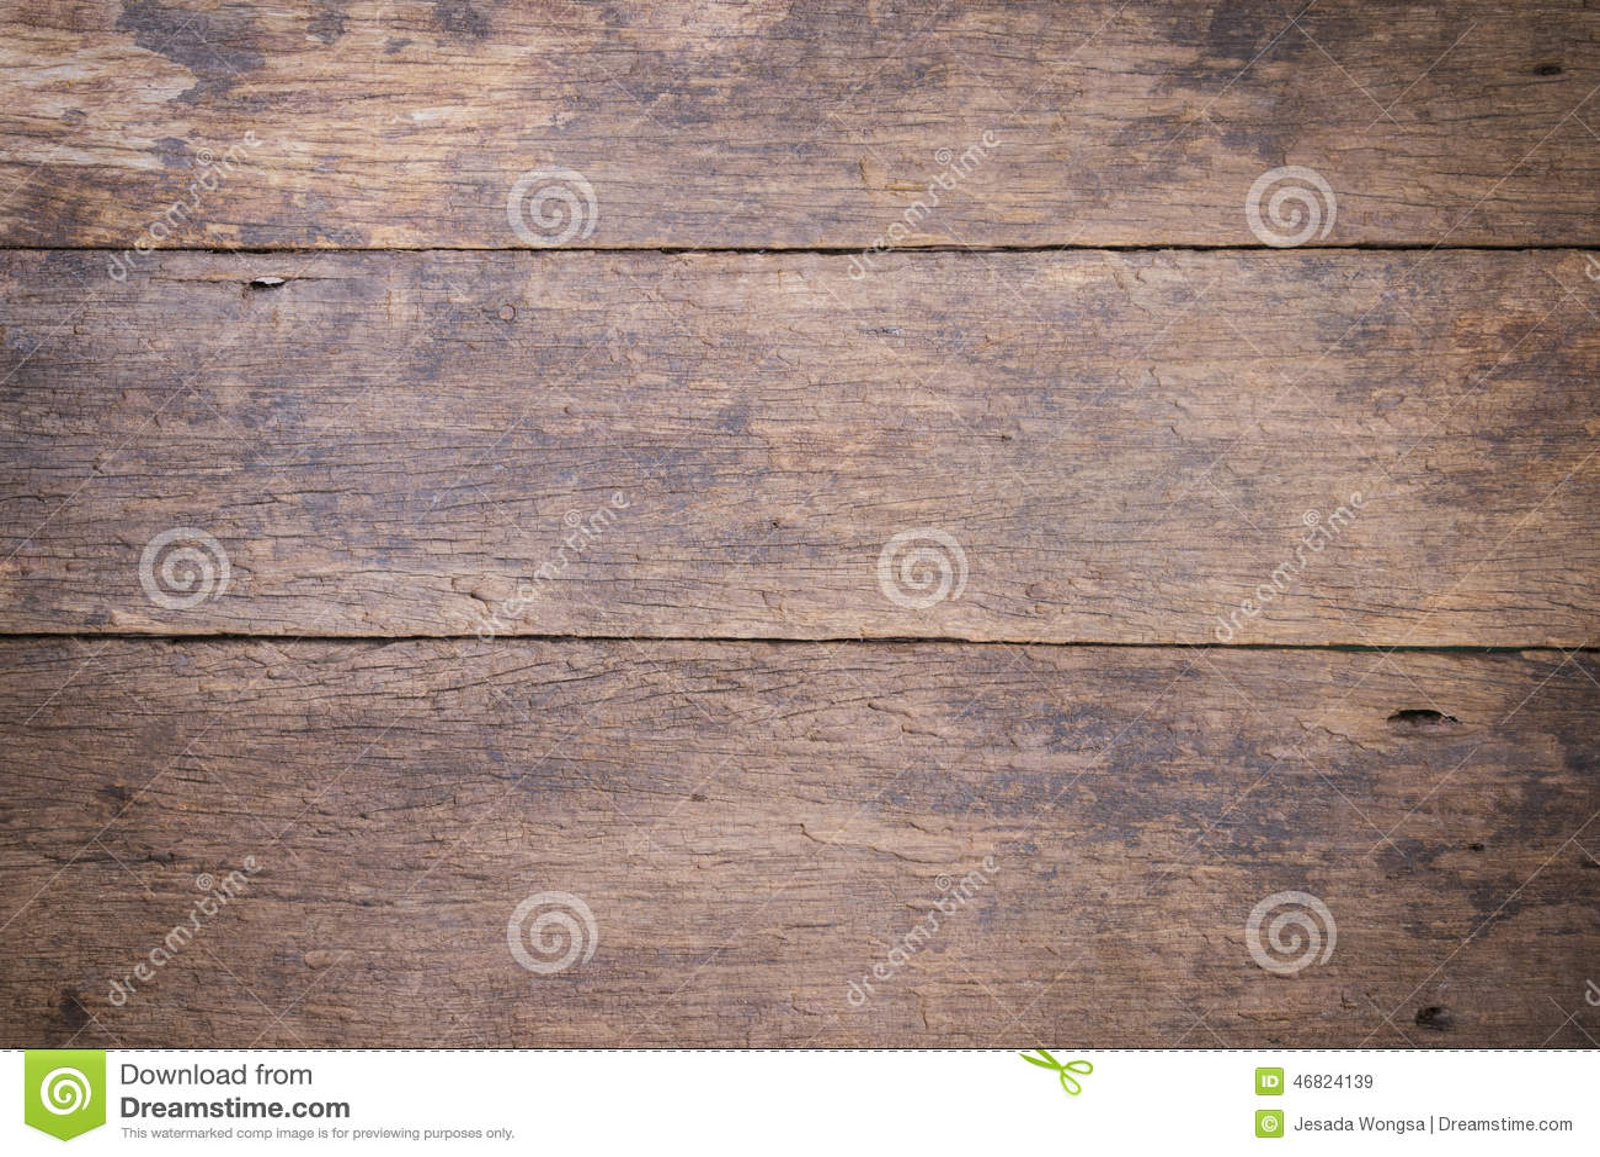 alter h lzerner beschaffenheitshintergrund fu bodenbelag stockfoto bild 46824139. Black Bedroom Furniture Sets. Home Design Ideas